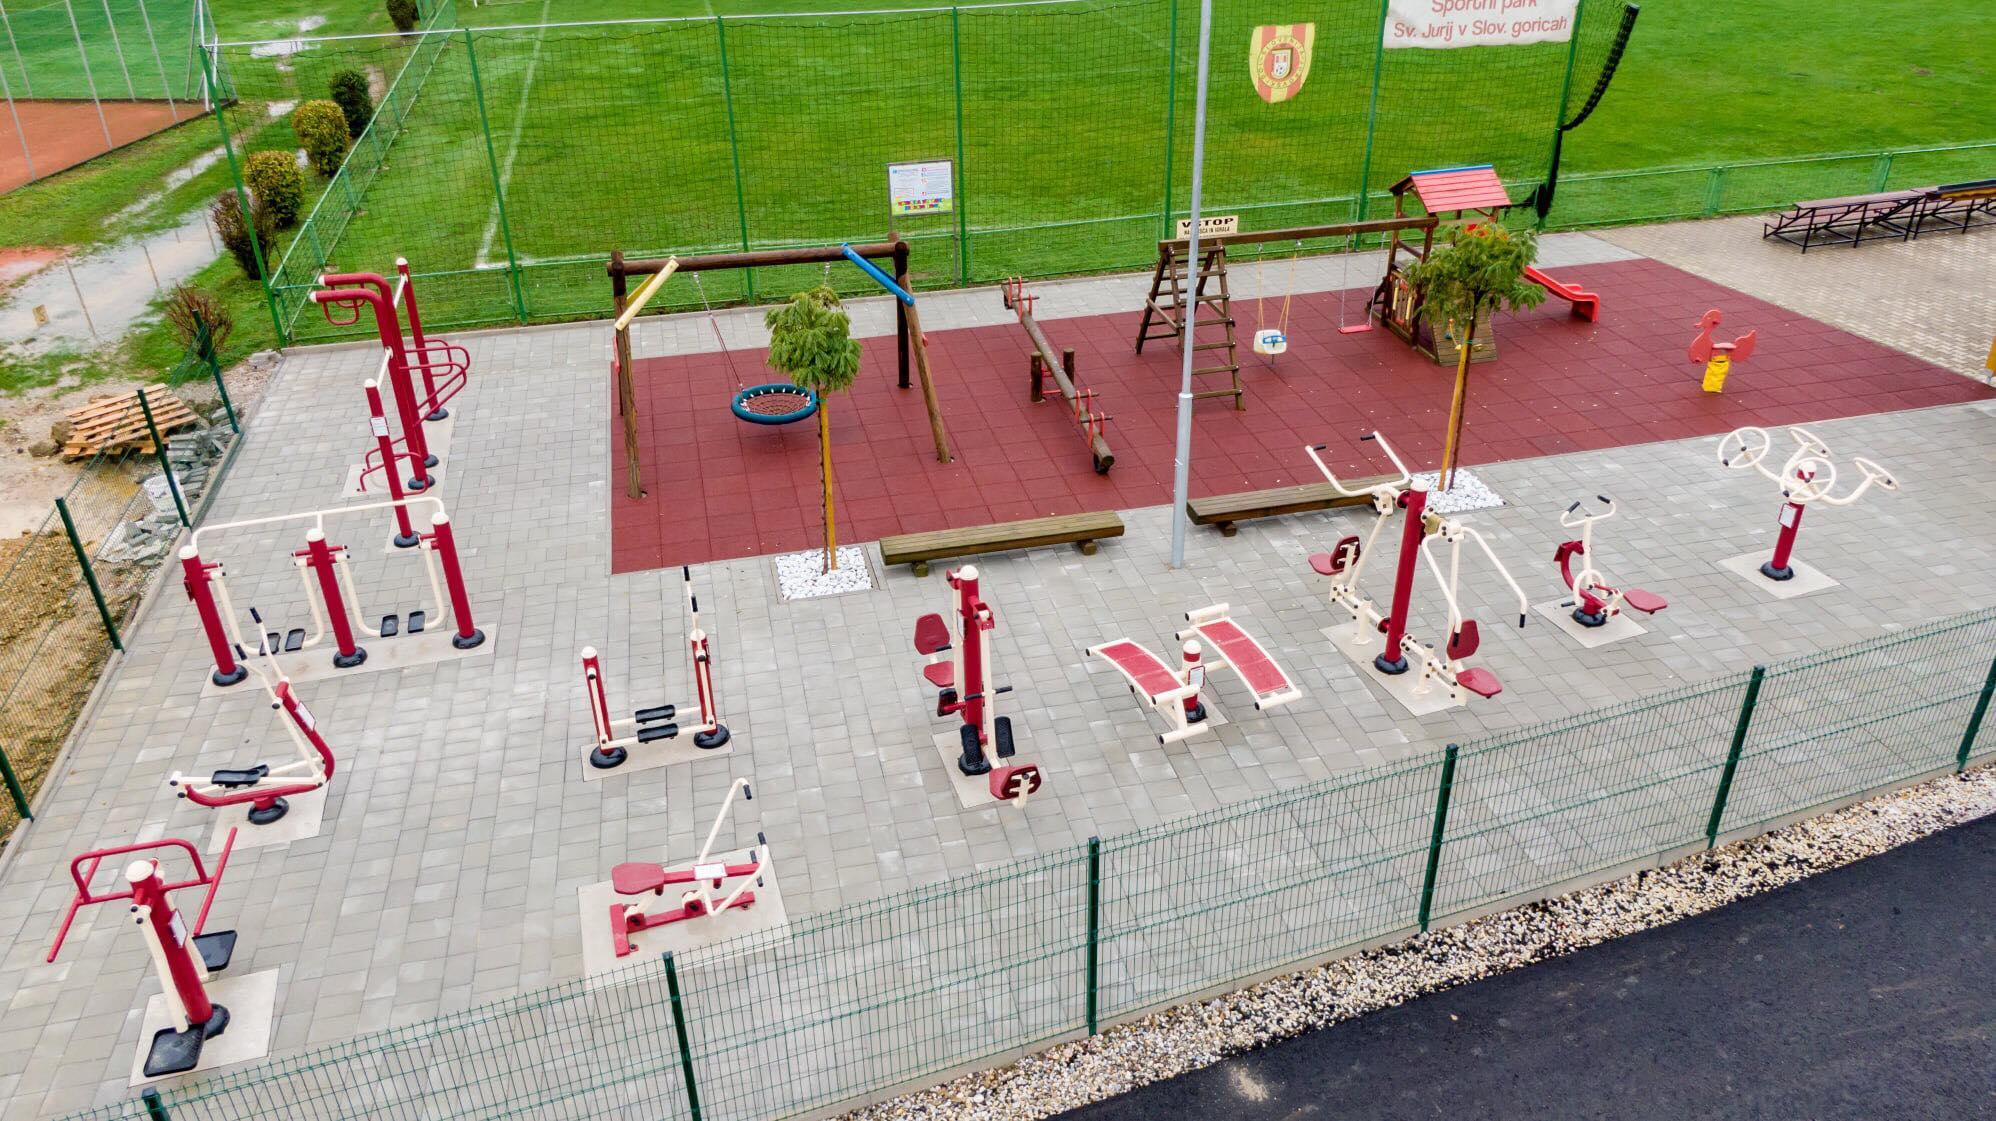 Športni park Sveti Jurij v Slovenskih goricah